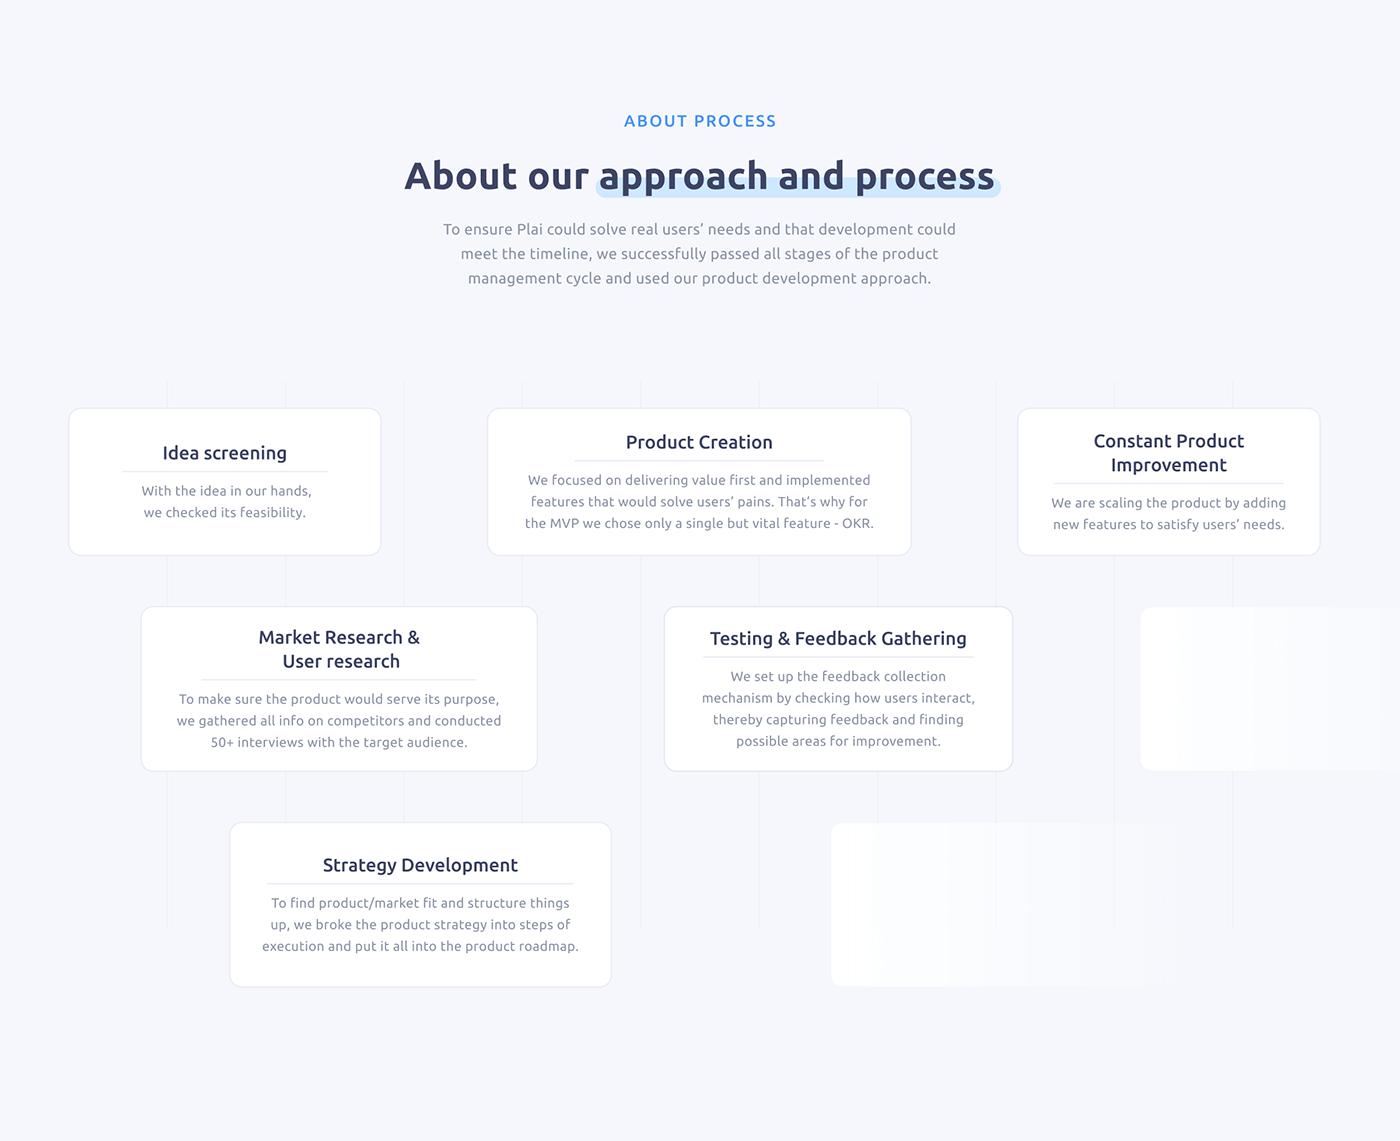 app design design ui design UI/UX user interface UX design Web web app web application Web Design